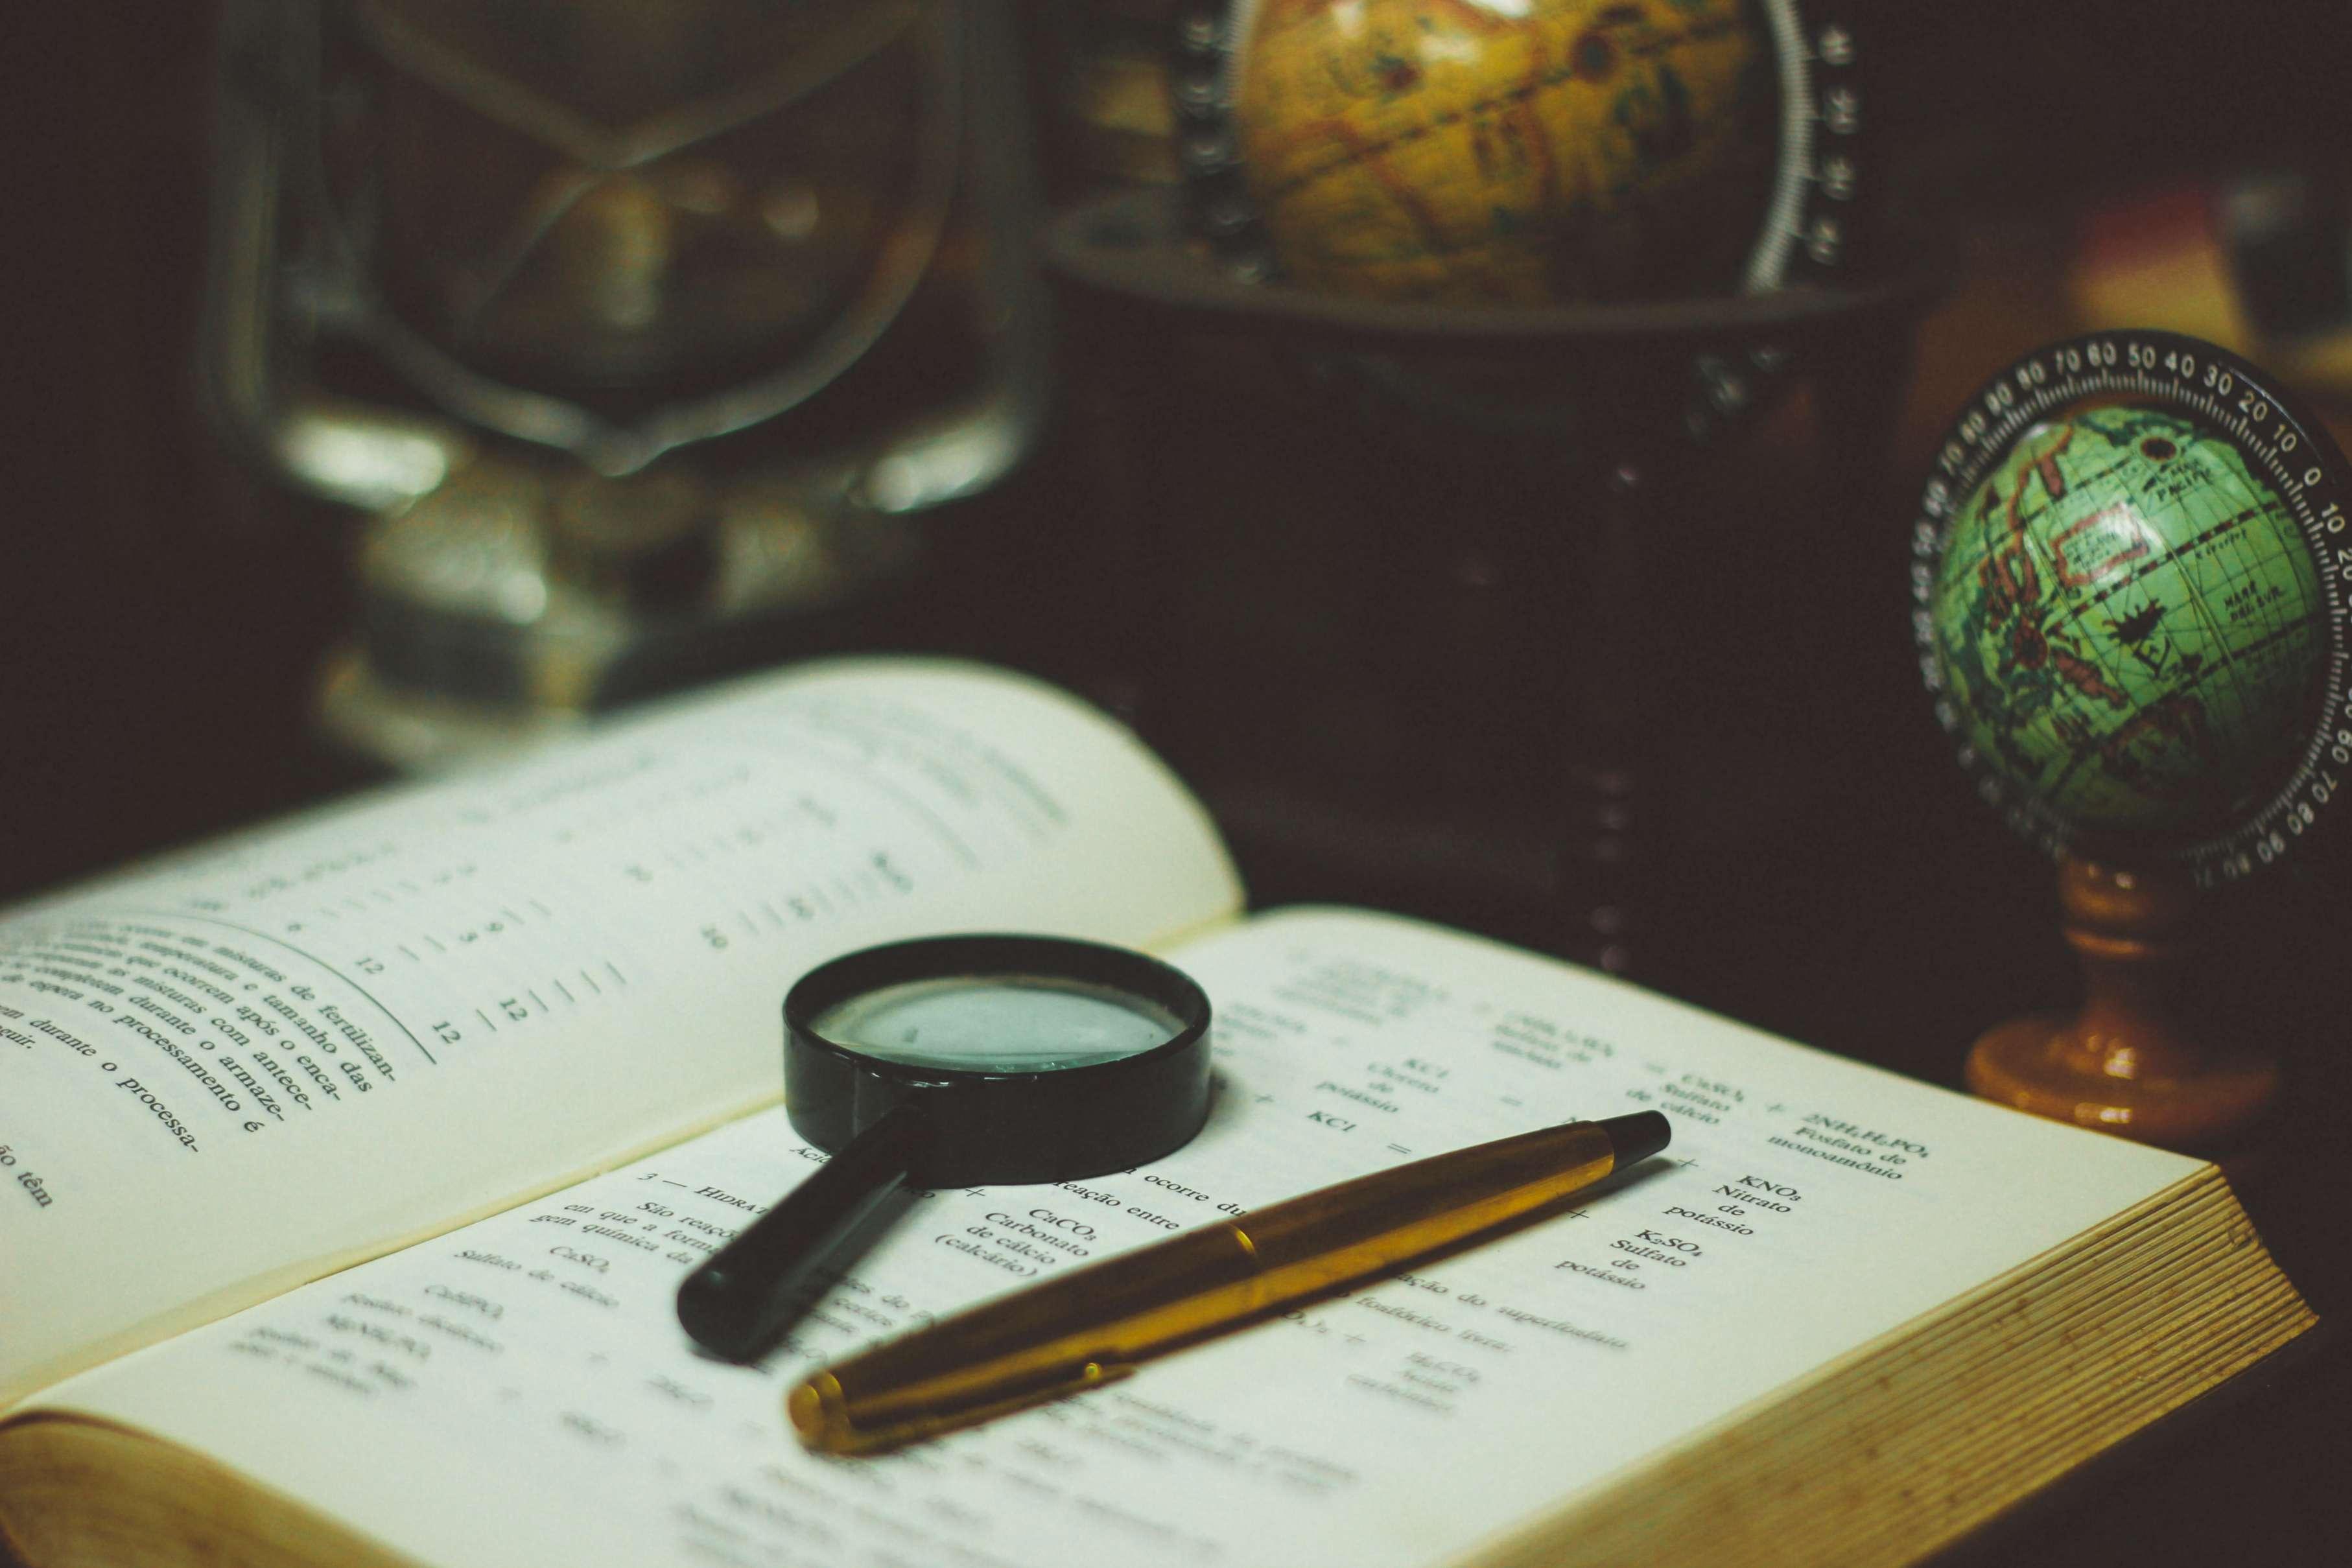 SEO im Jahr 2020: Kennwort Recherche und Linkaufbau